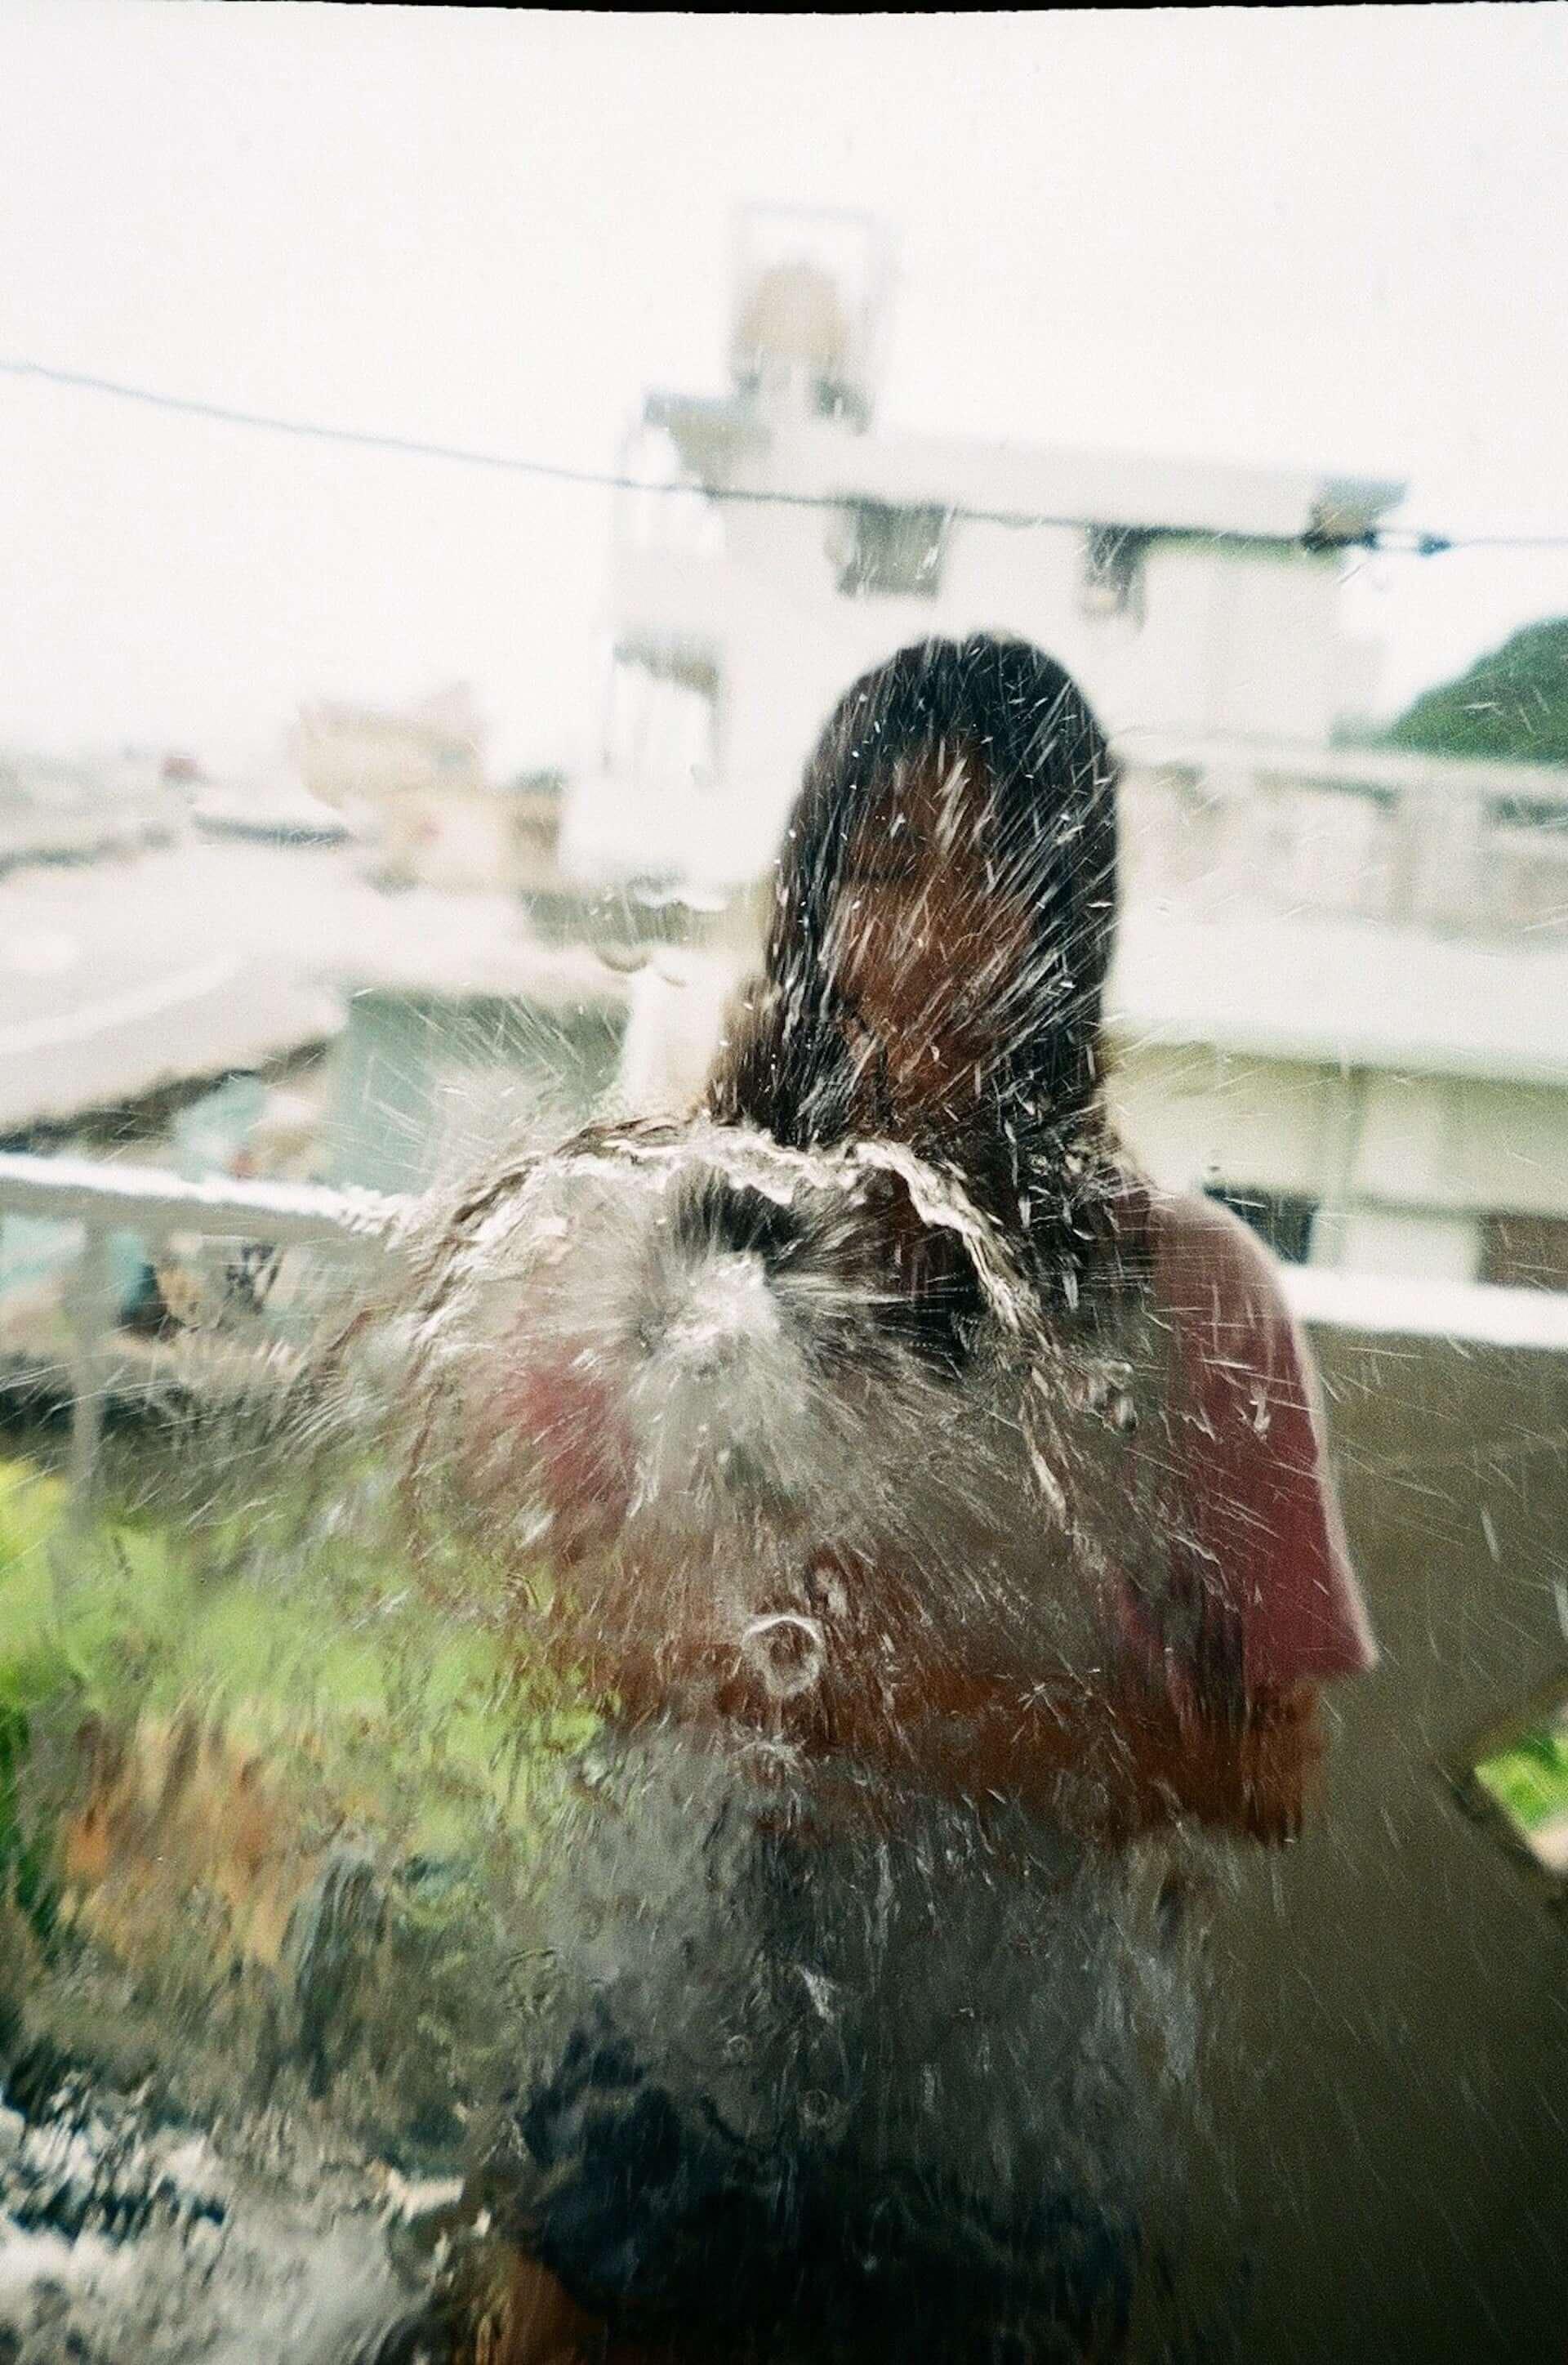 どうも東京の人にはなれなかったらしい|カップラーメンのお湯の線 rarara181220-cupmen-6-1920x2895